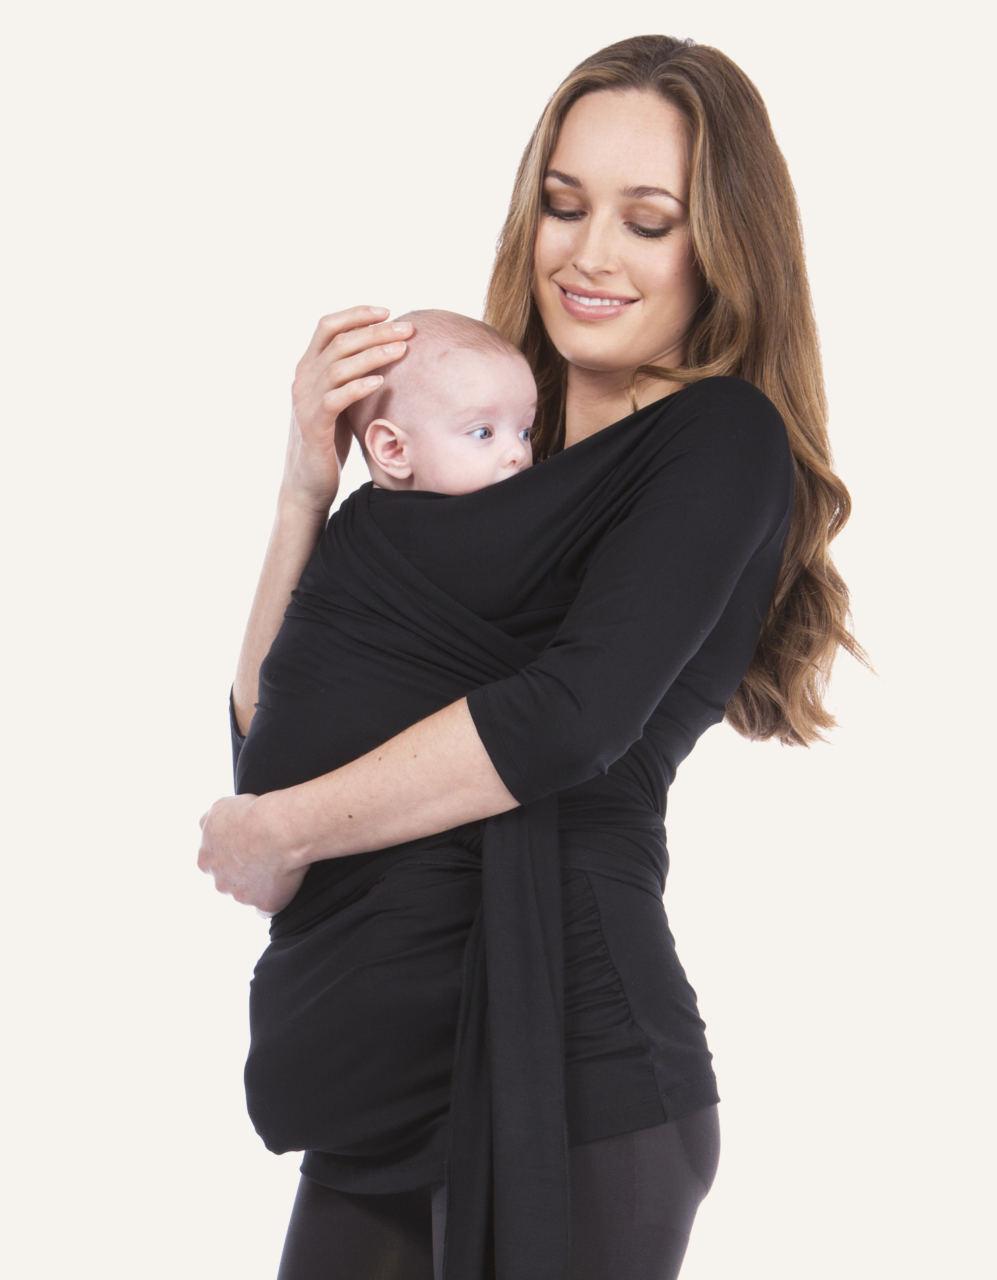 Entdecke unser weiches Skin-to-Skin Shirt für die Schwangerschaft und Stillzeit